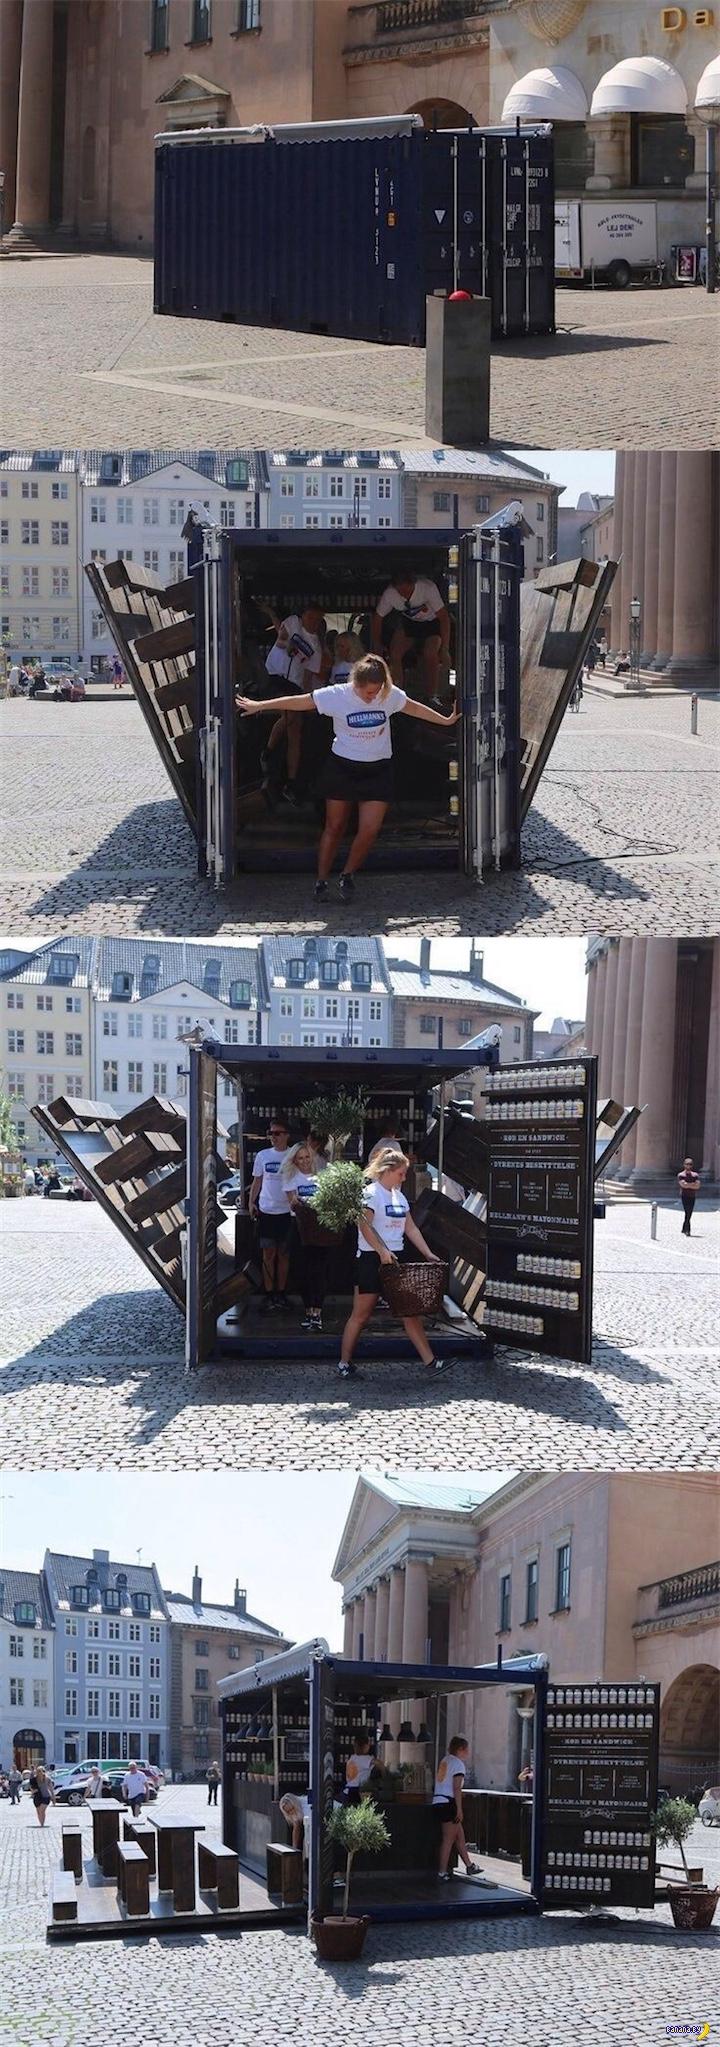 Этот контейнер тут не просто так стоит!